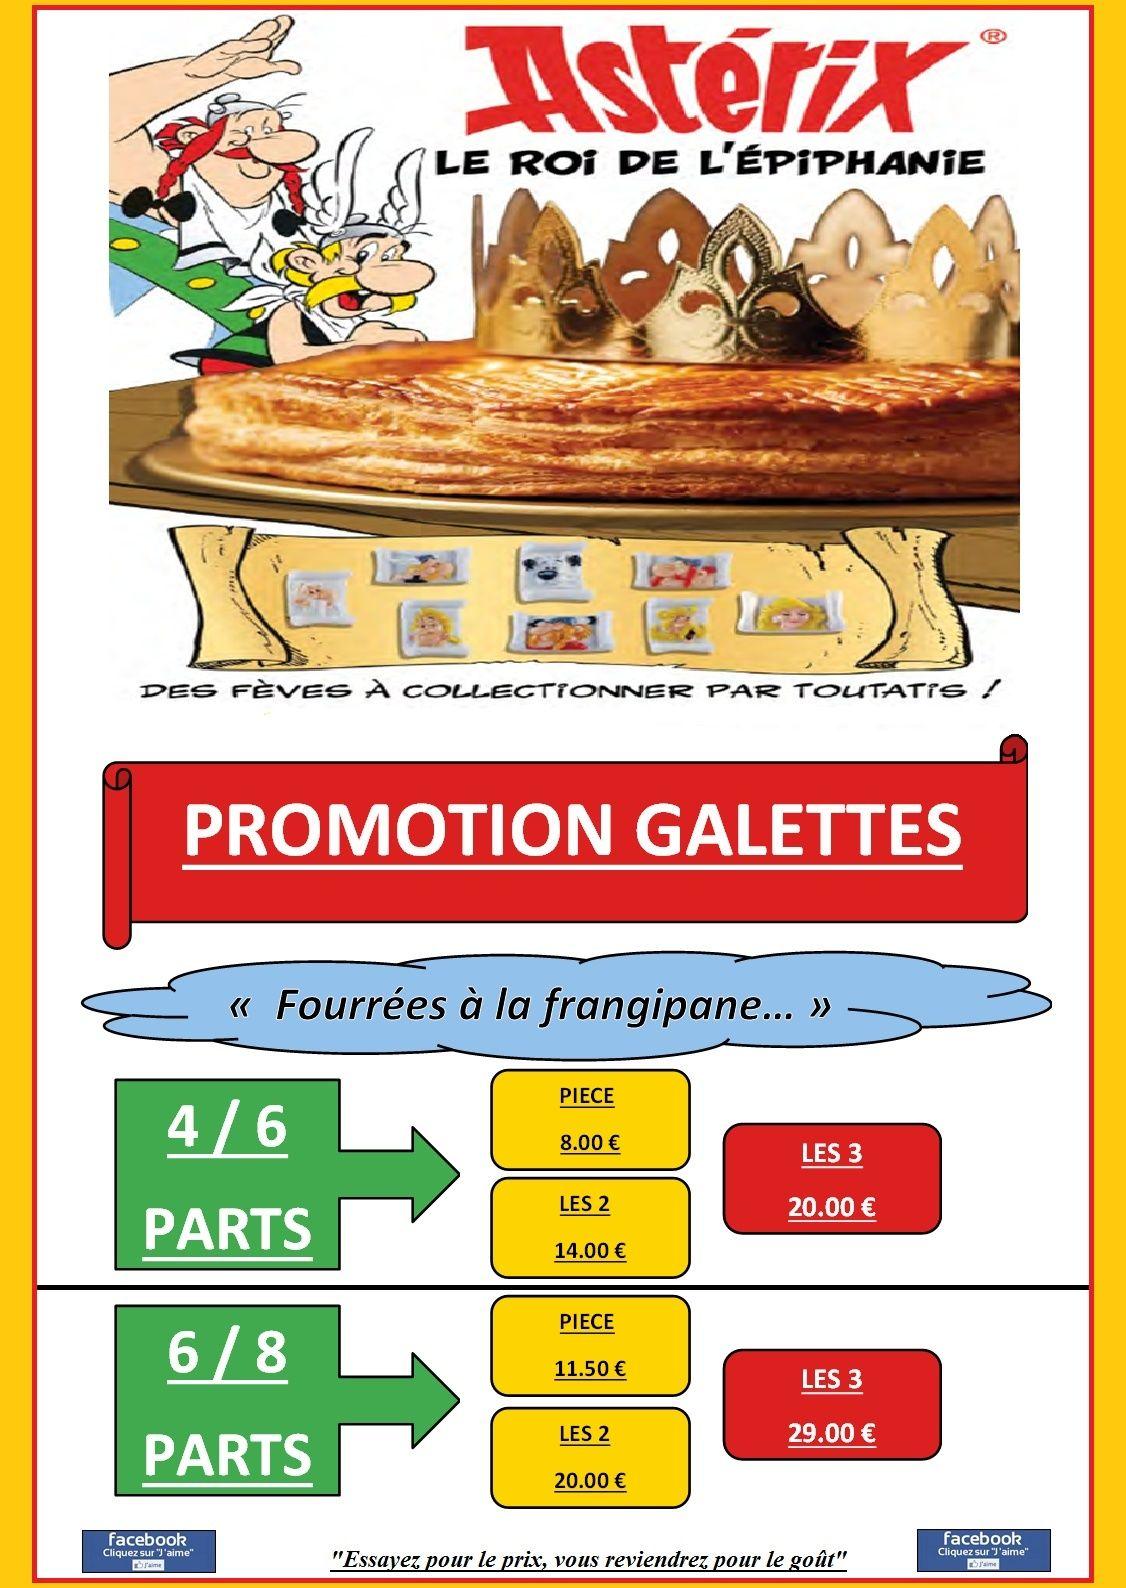 Fèves 2016 - Le Domaine des Dieux - Page 2 Fiche_10